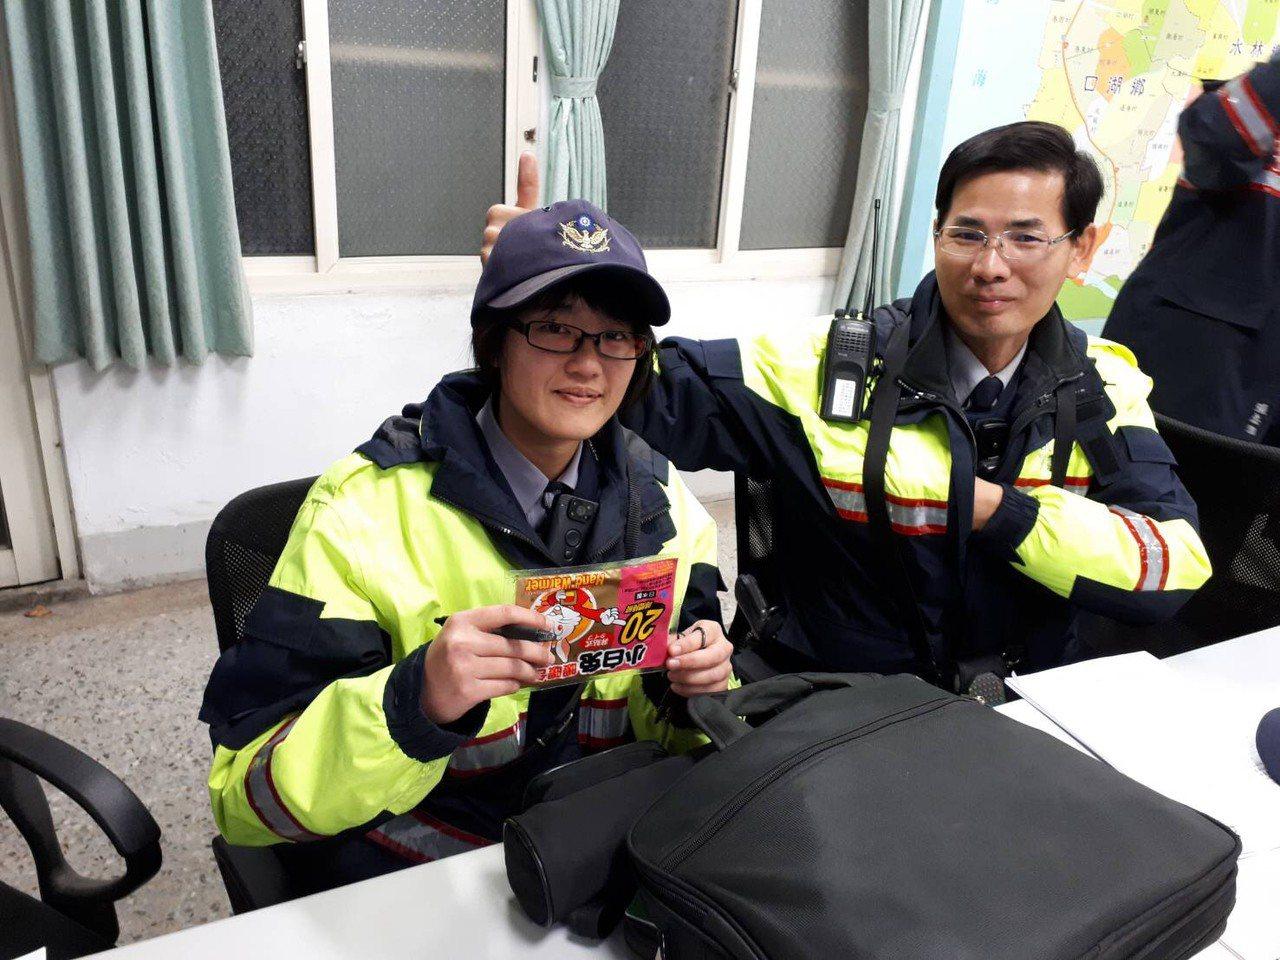 夜巡探訪老人,警察攜帶分局長送的暖暖包,有的轉送給怕冷的老人暖警探訪老人,暖警關...